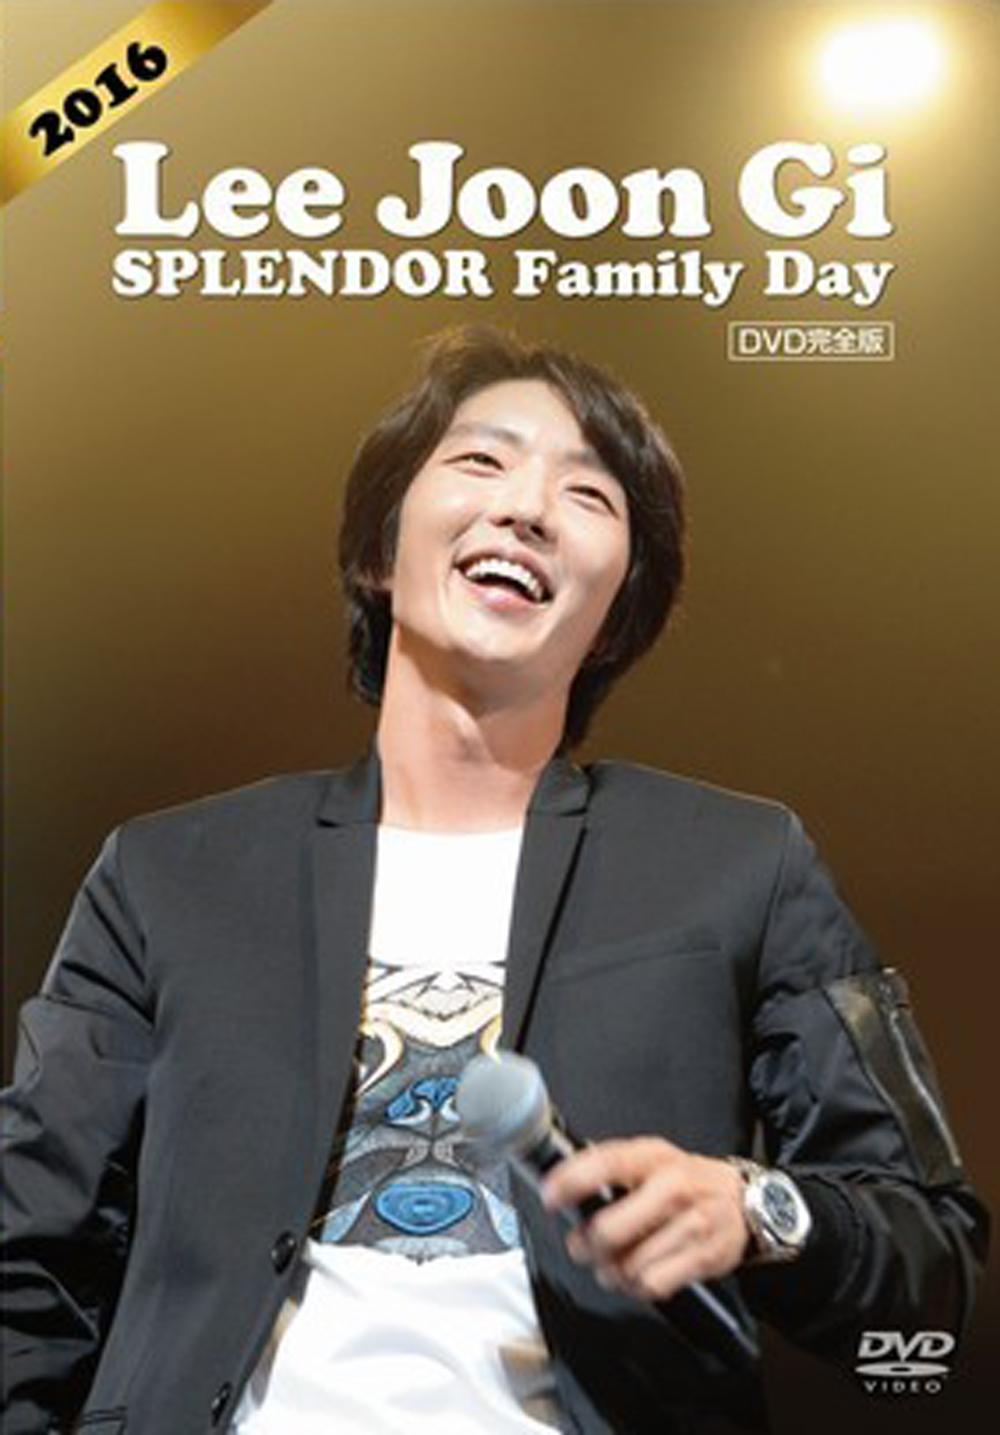 2016 LEE JOONGI SPLENDOR FamilyDay DVD完全版